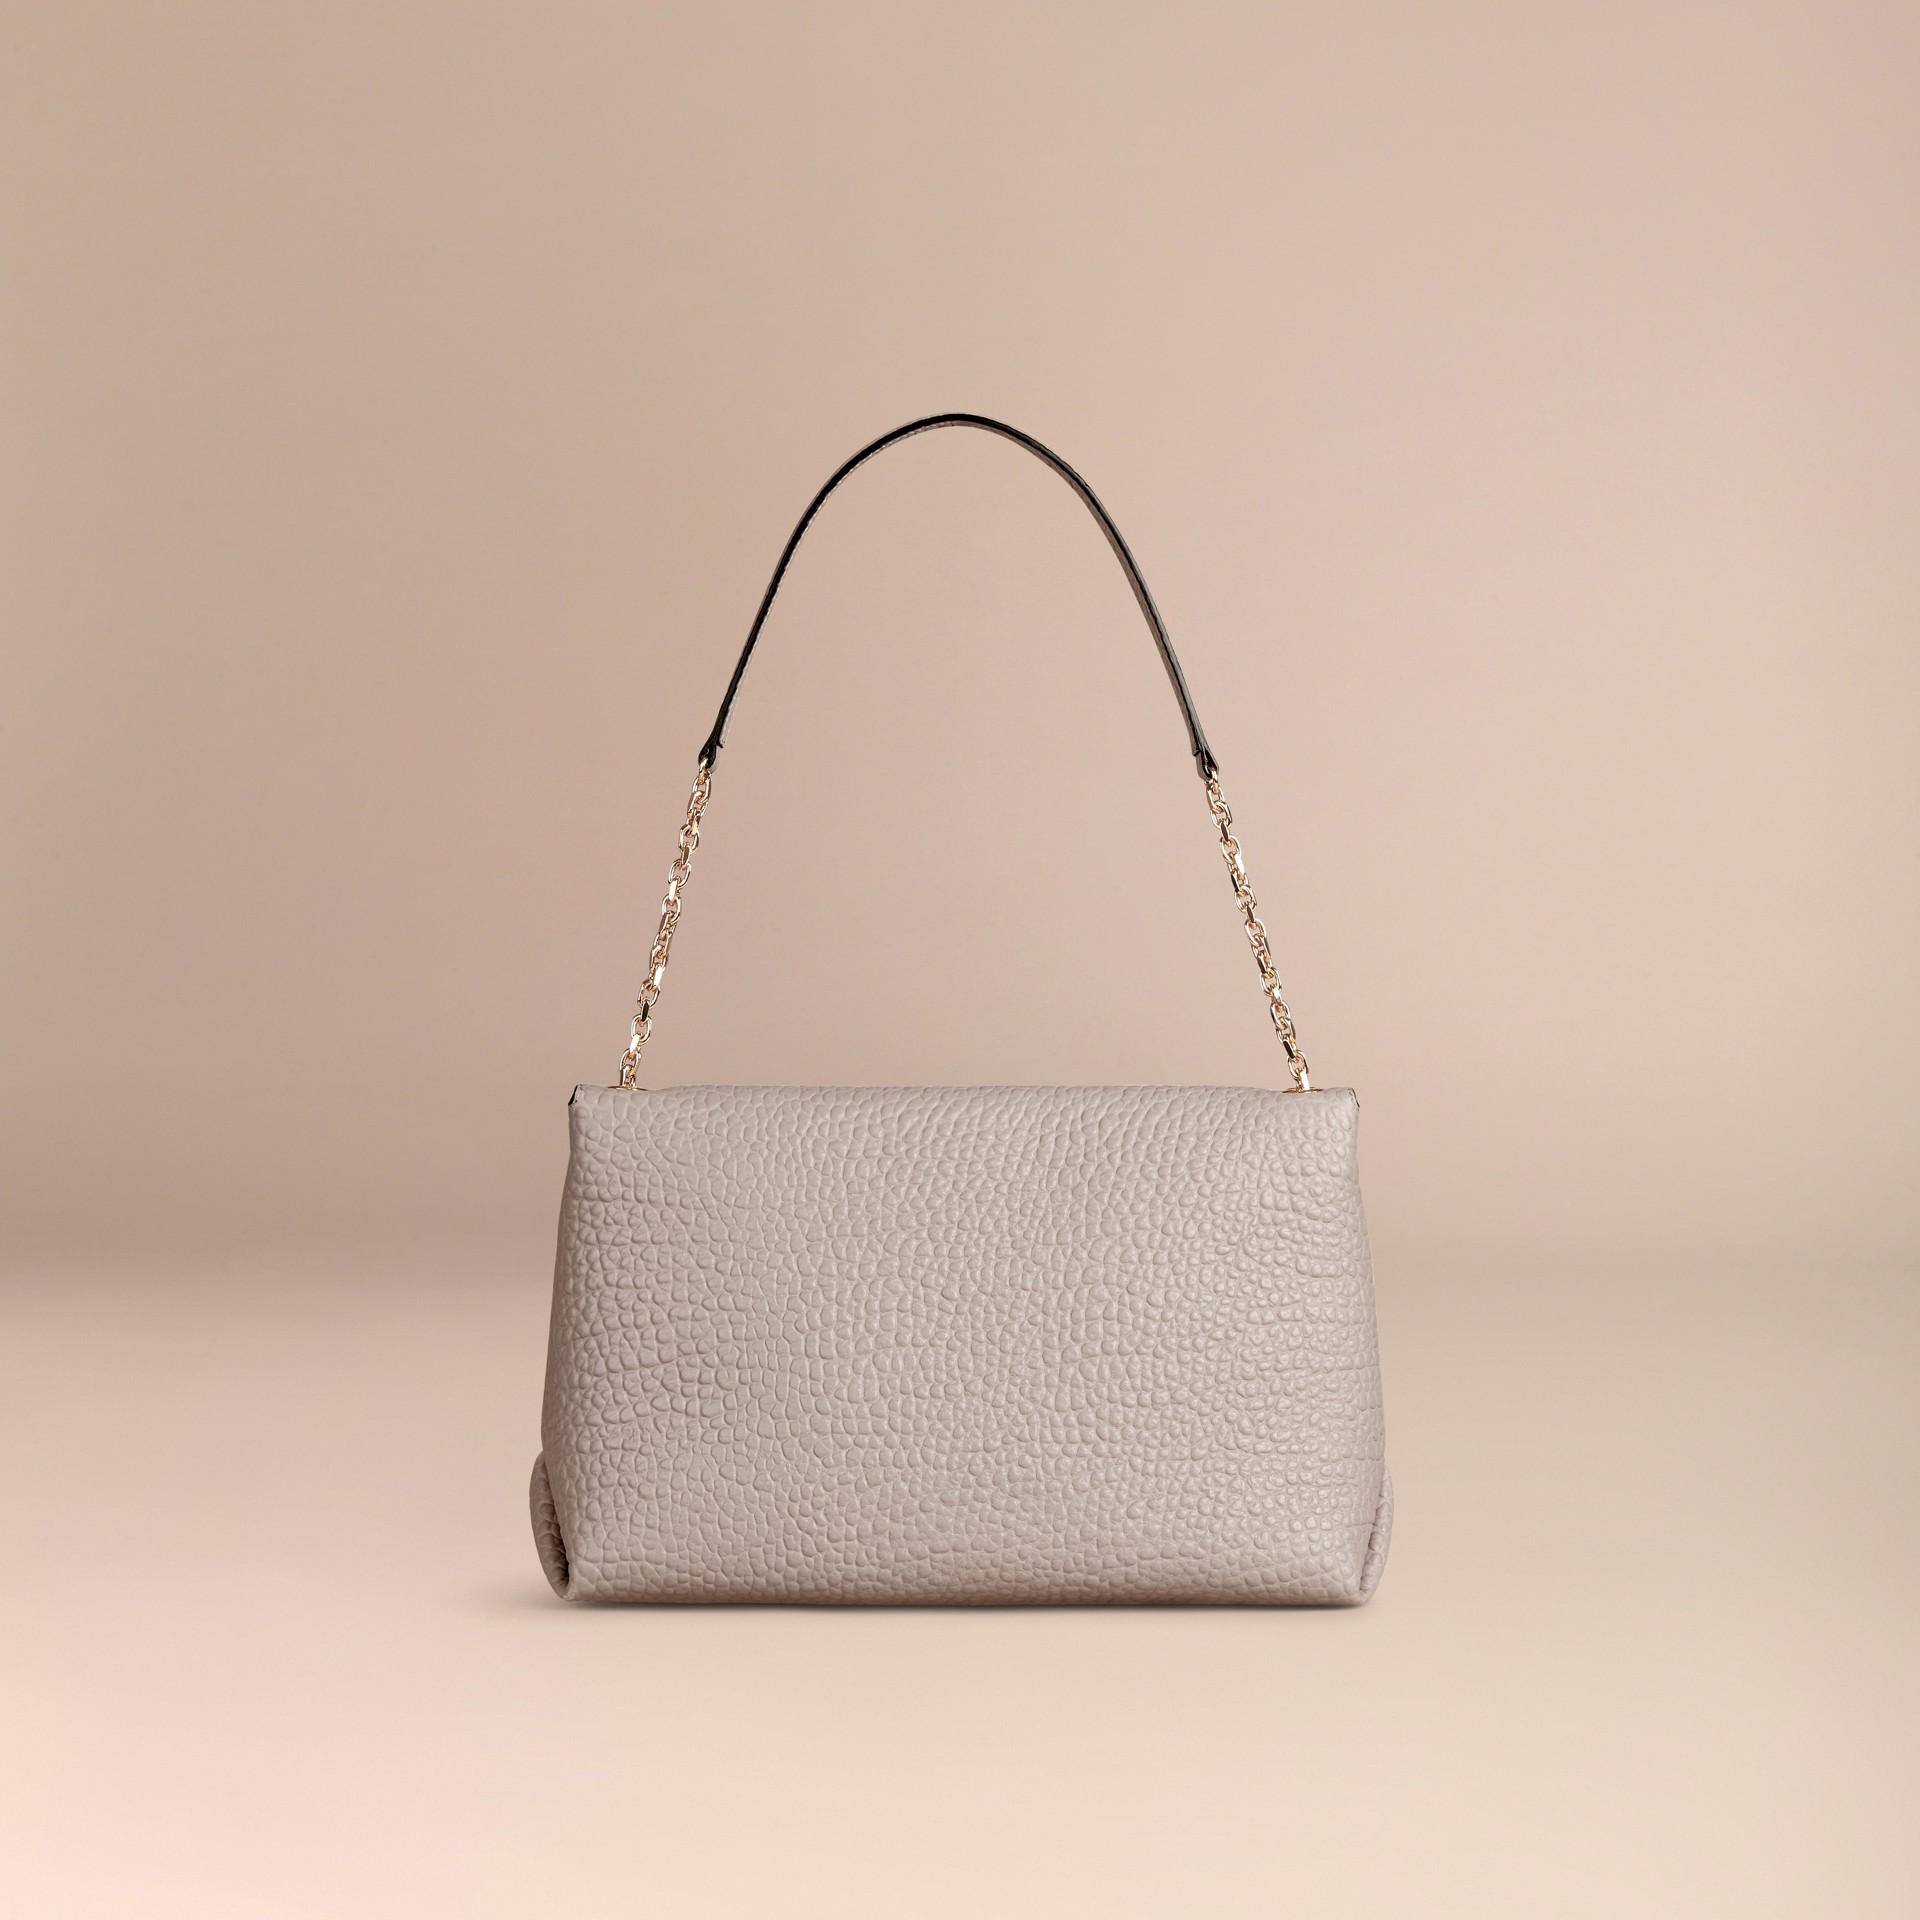 Бледно-серый Большая сумка через плечо из зернистой кожи в стиле Burberry Бледно-серый - изображение 4